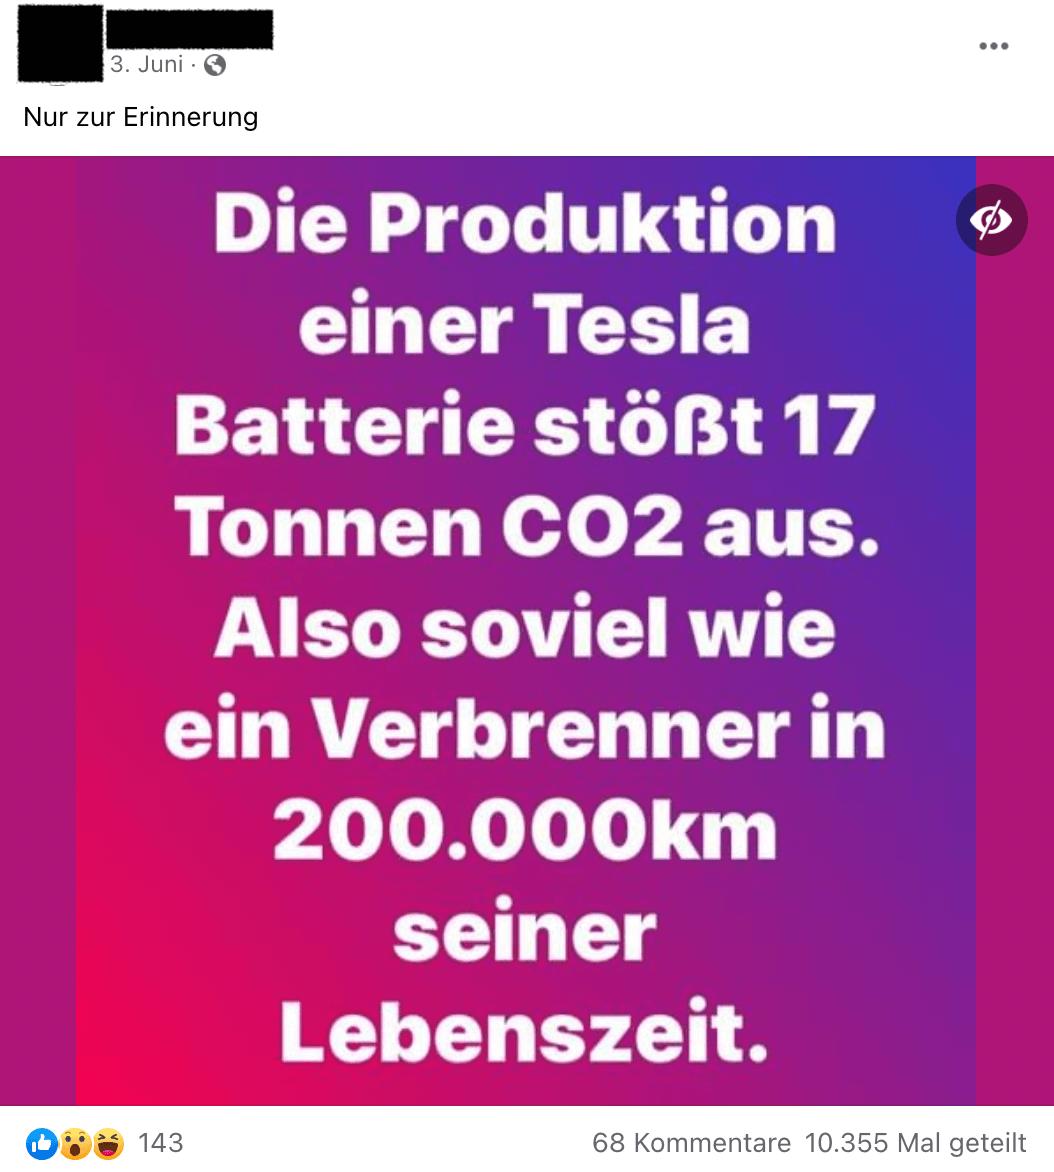 Auf Facebook wird behauptet, die Produktion einer Tesla-Batterie wäre klimaschädlicher, als der Betrieb eines Autos mit Verbrennungsmotor